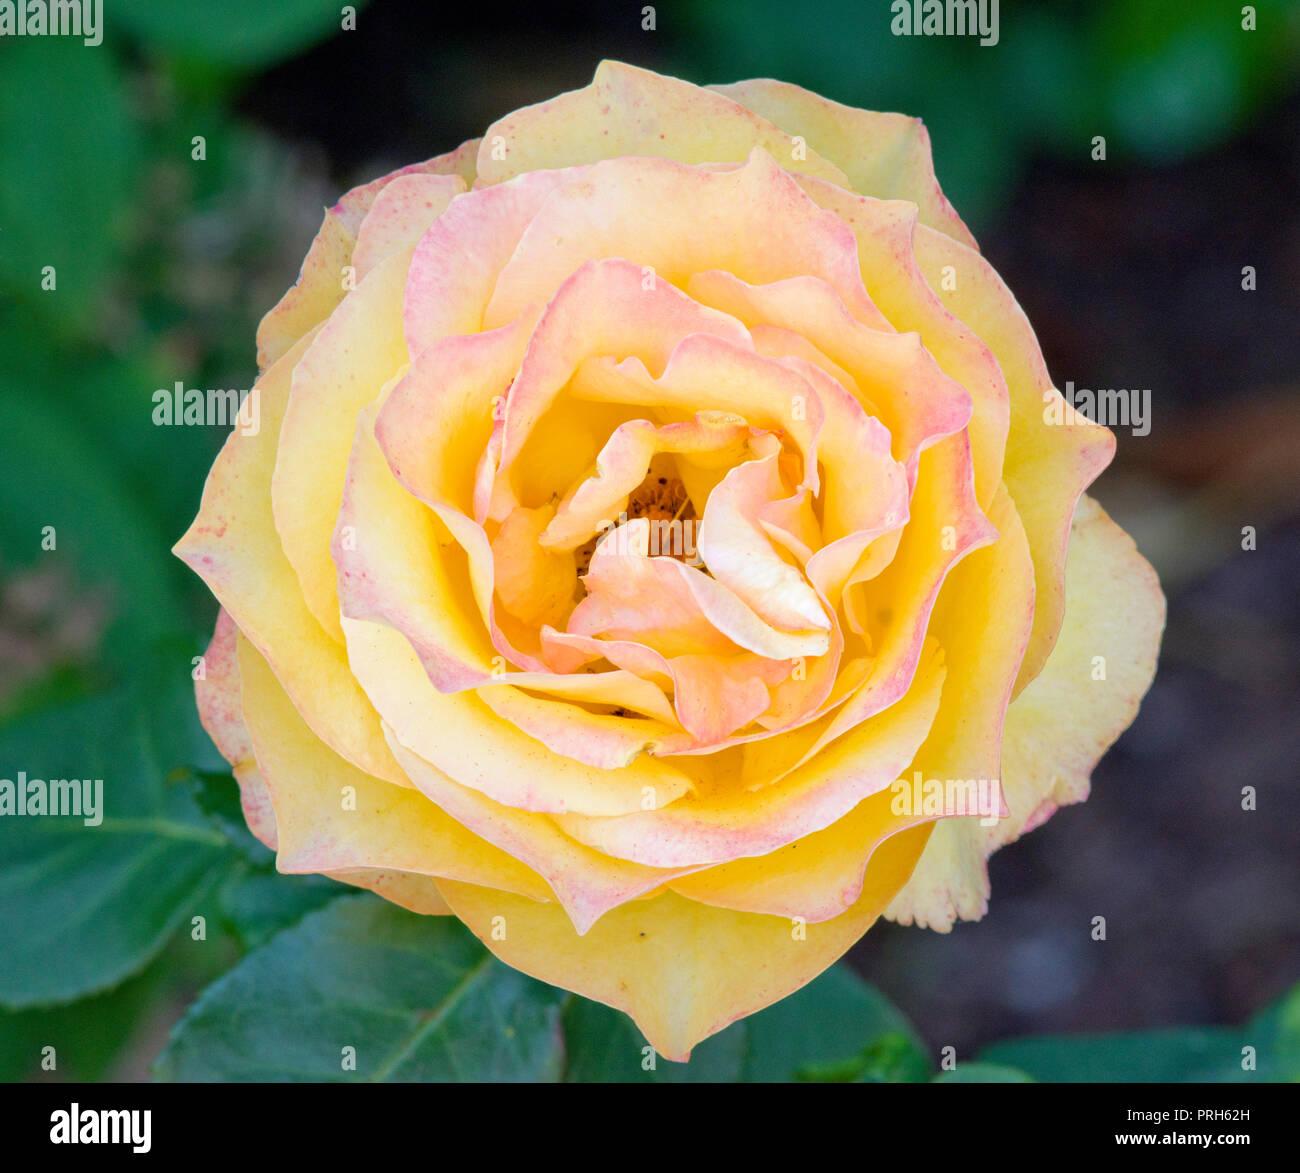 MARILYN: Dutch Rosa